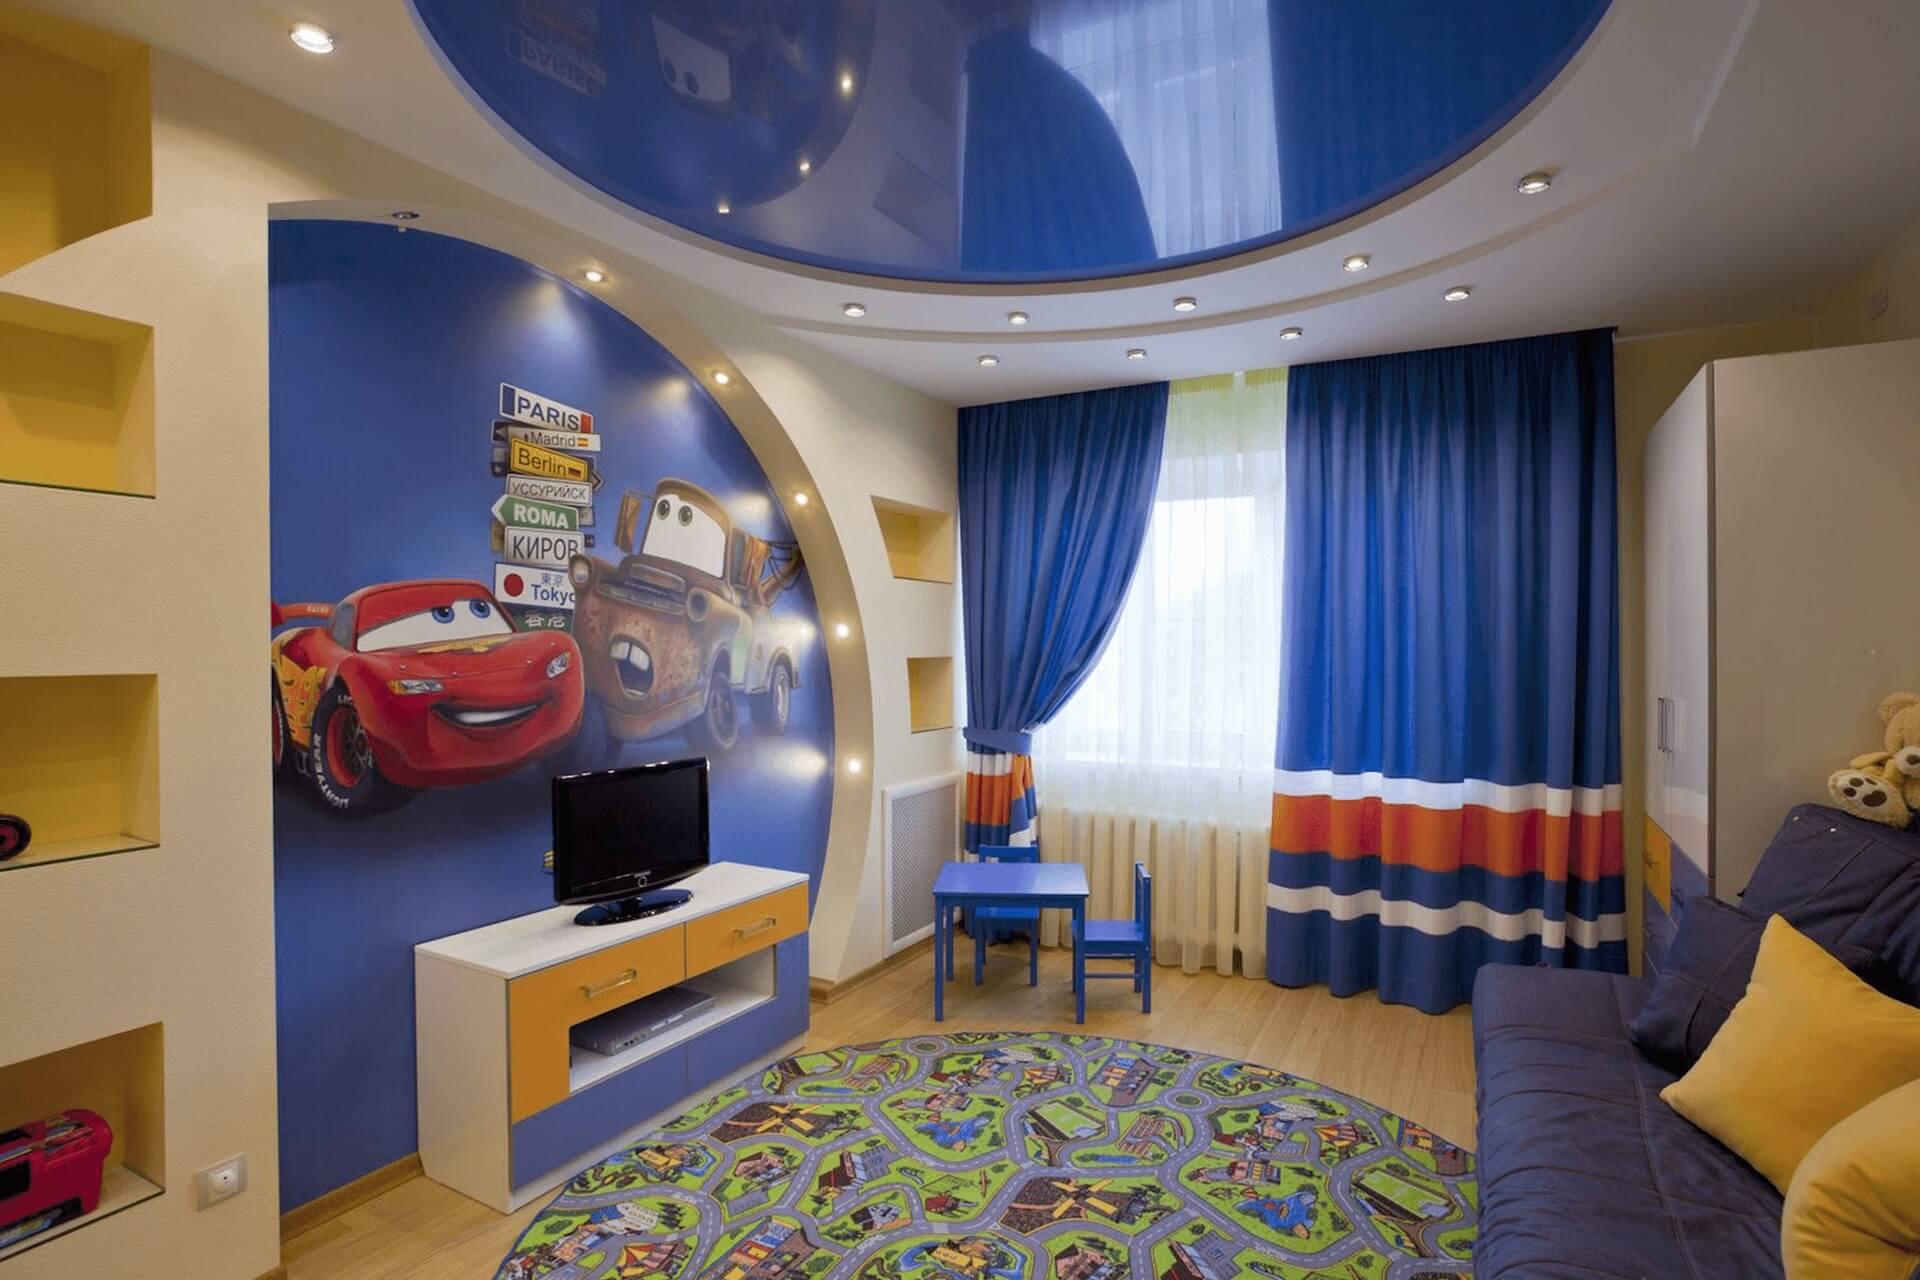 Синий натяжной потолок в детской. Комната для мальчика.